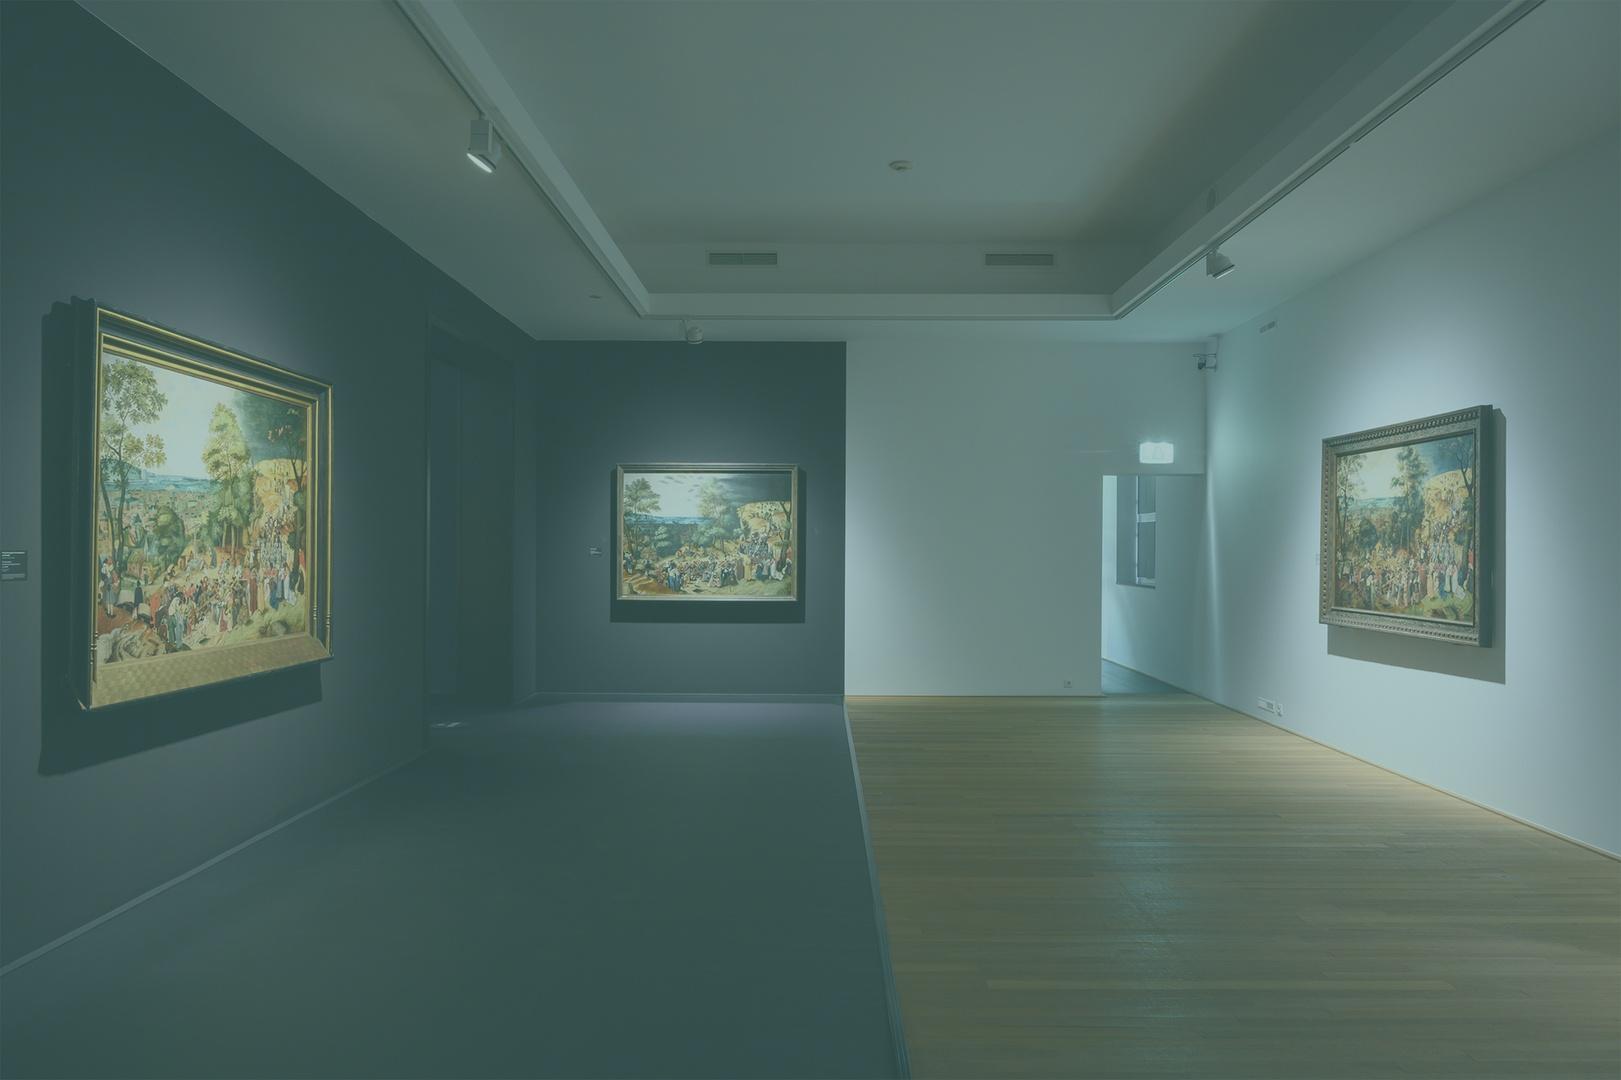 Brueghel and contemporaries: art as covert resistance? Bonnefanten 2021